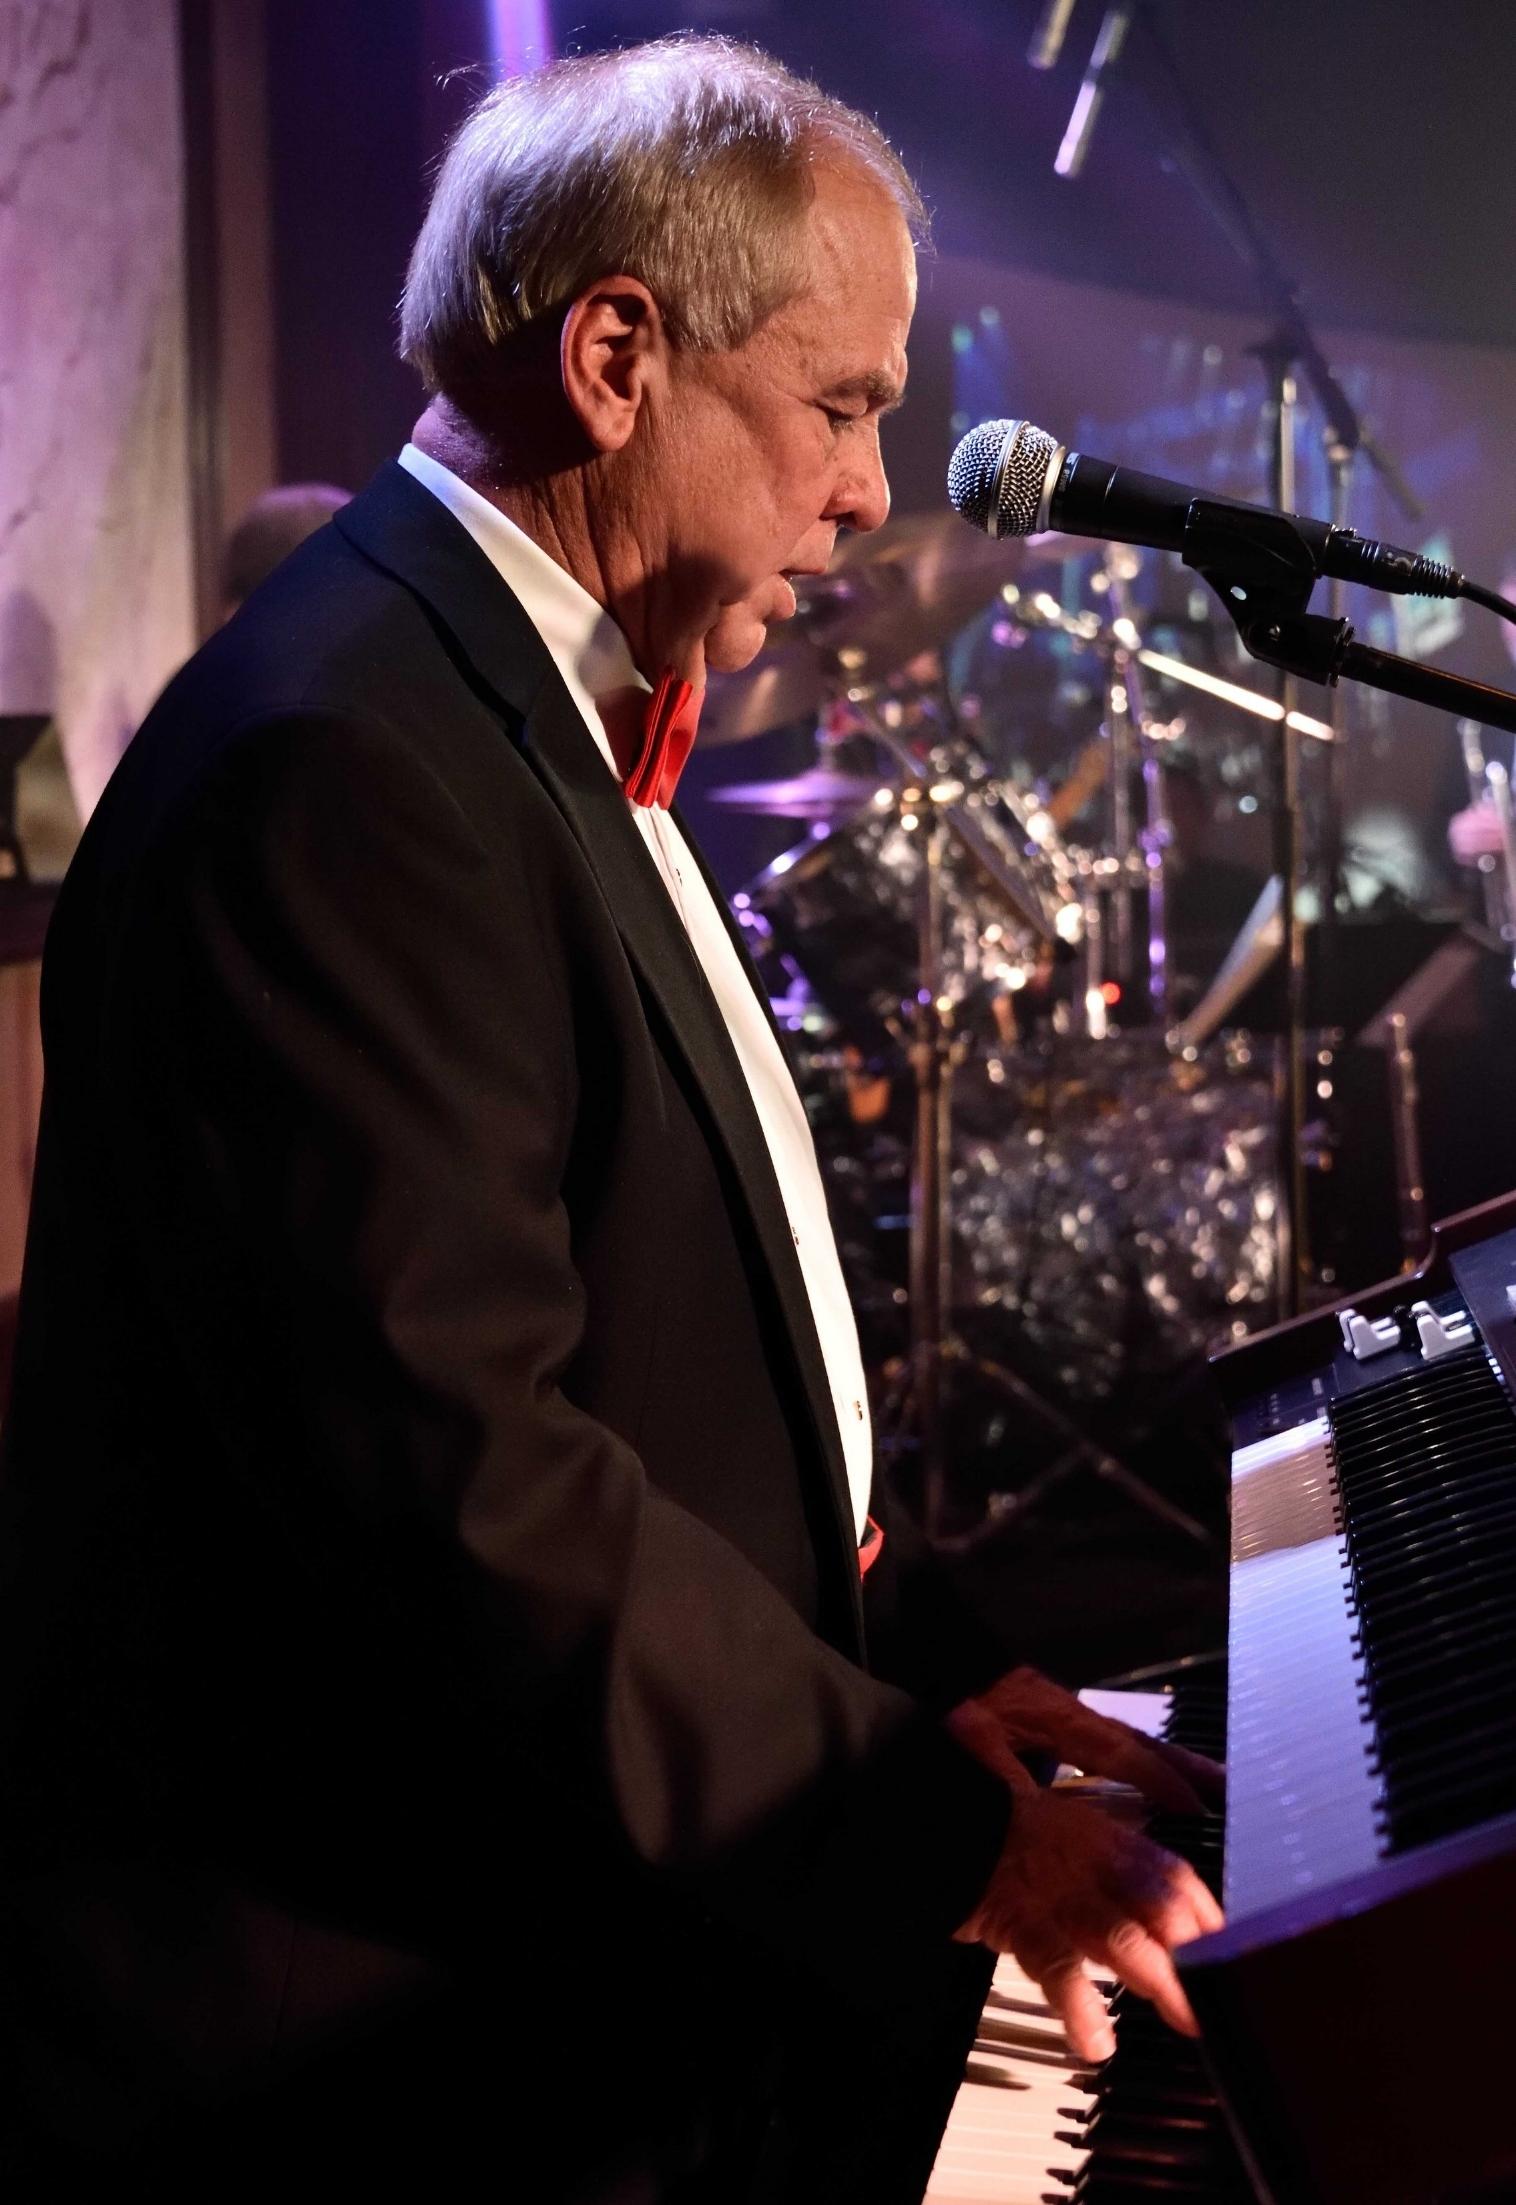 Clint Eskew - Keyboards